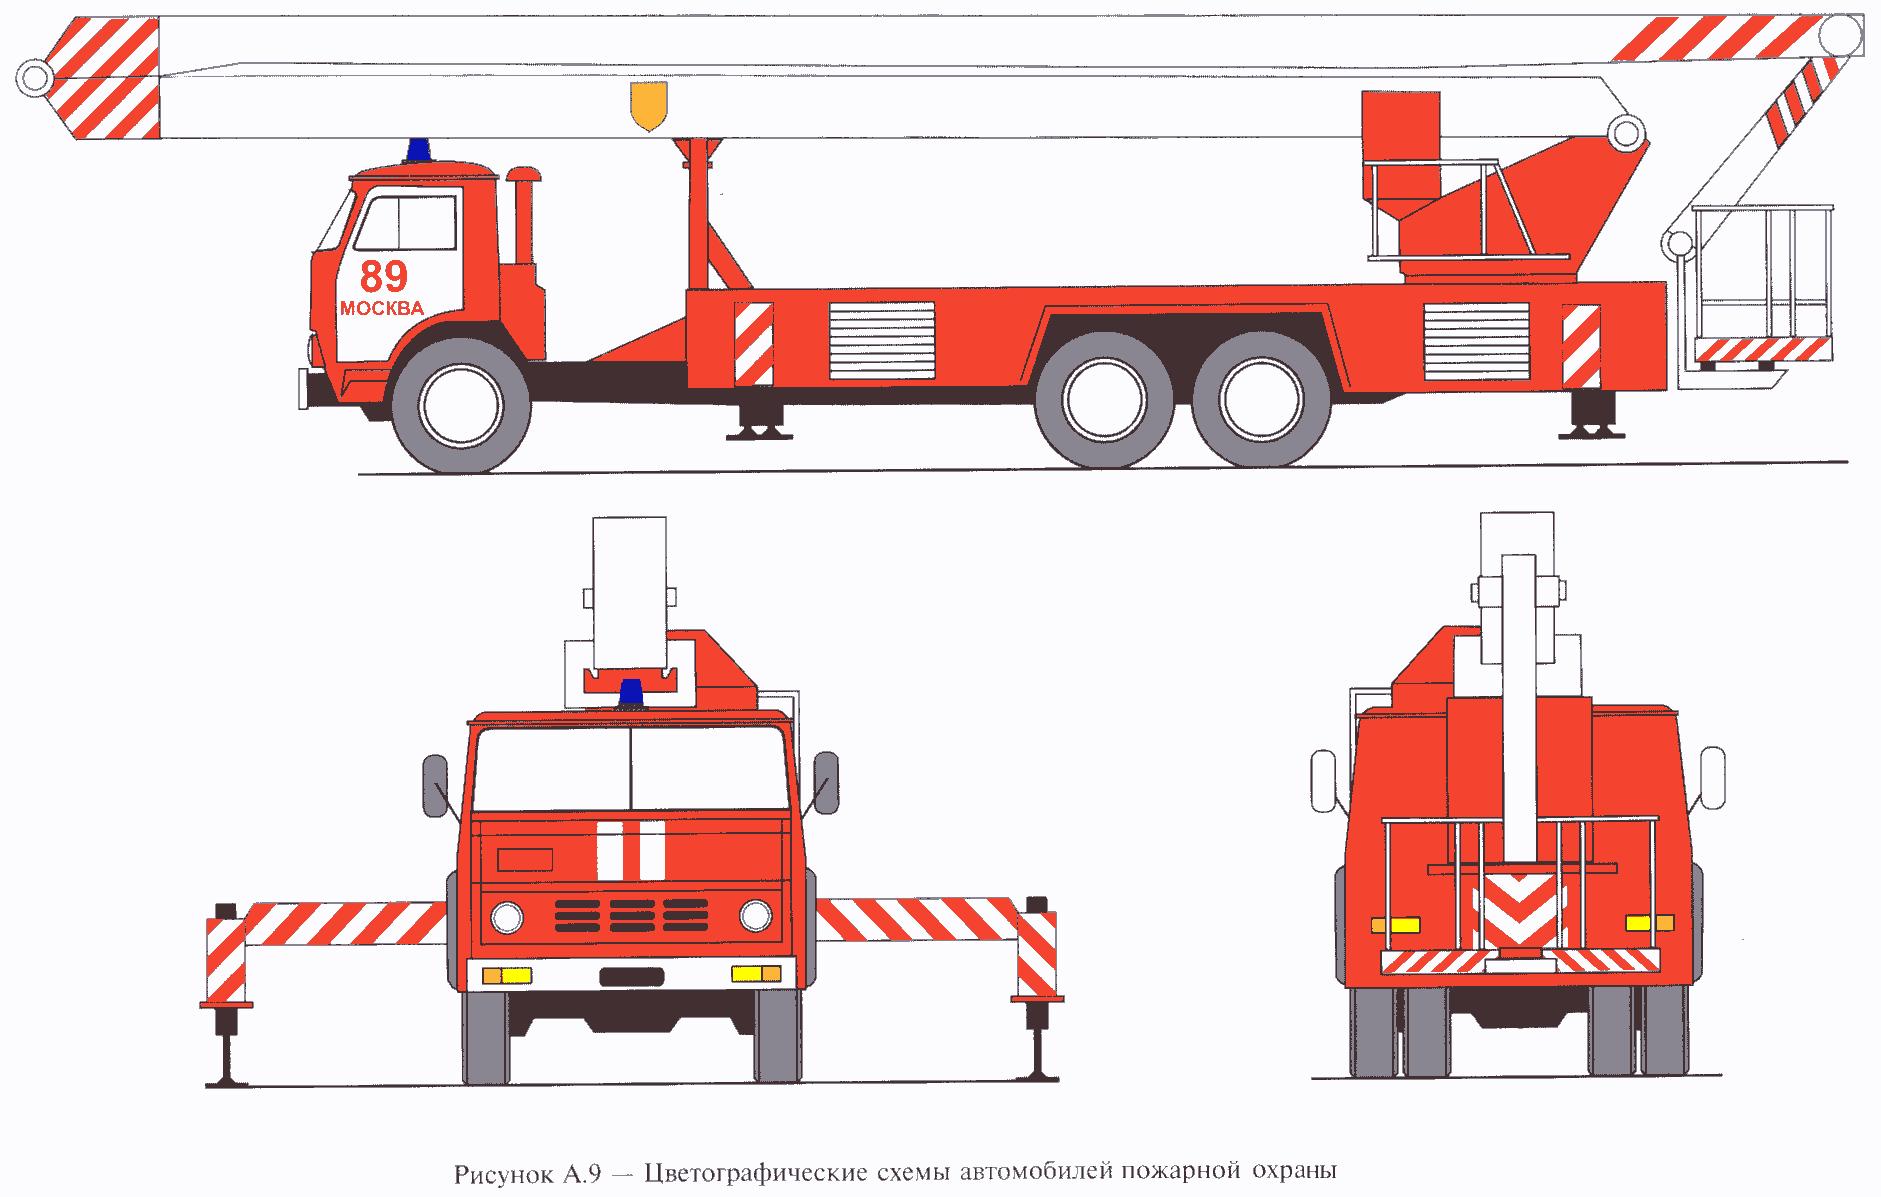 РИС. А.9 ПРИЛОЖЕНИЯ А К ГОСТ Р 50574-2002